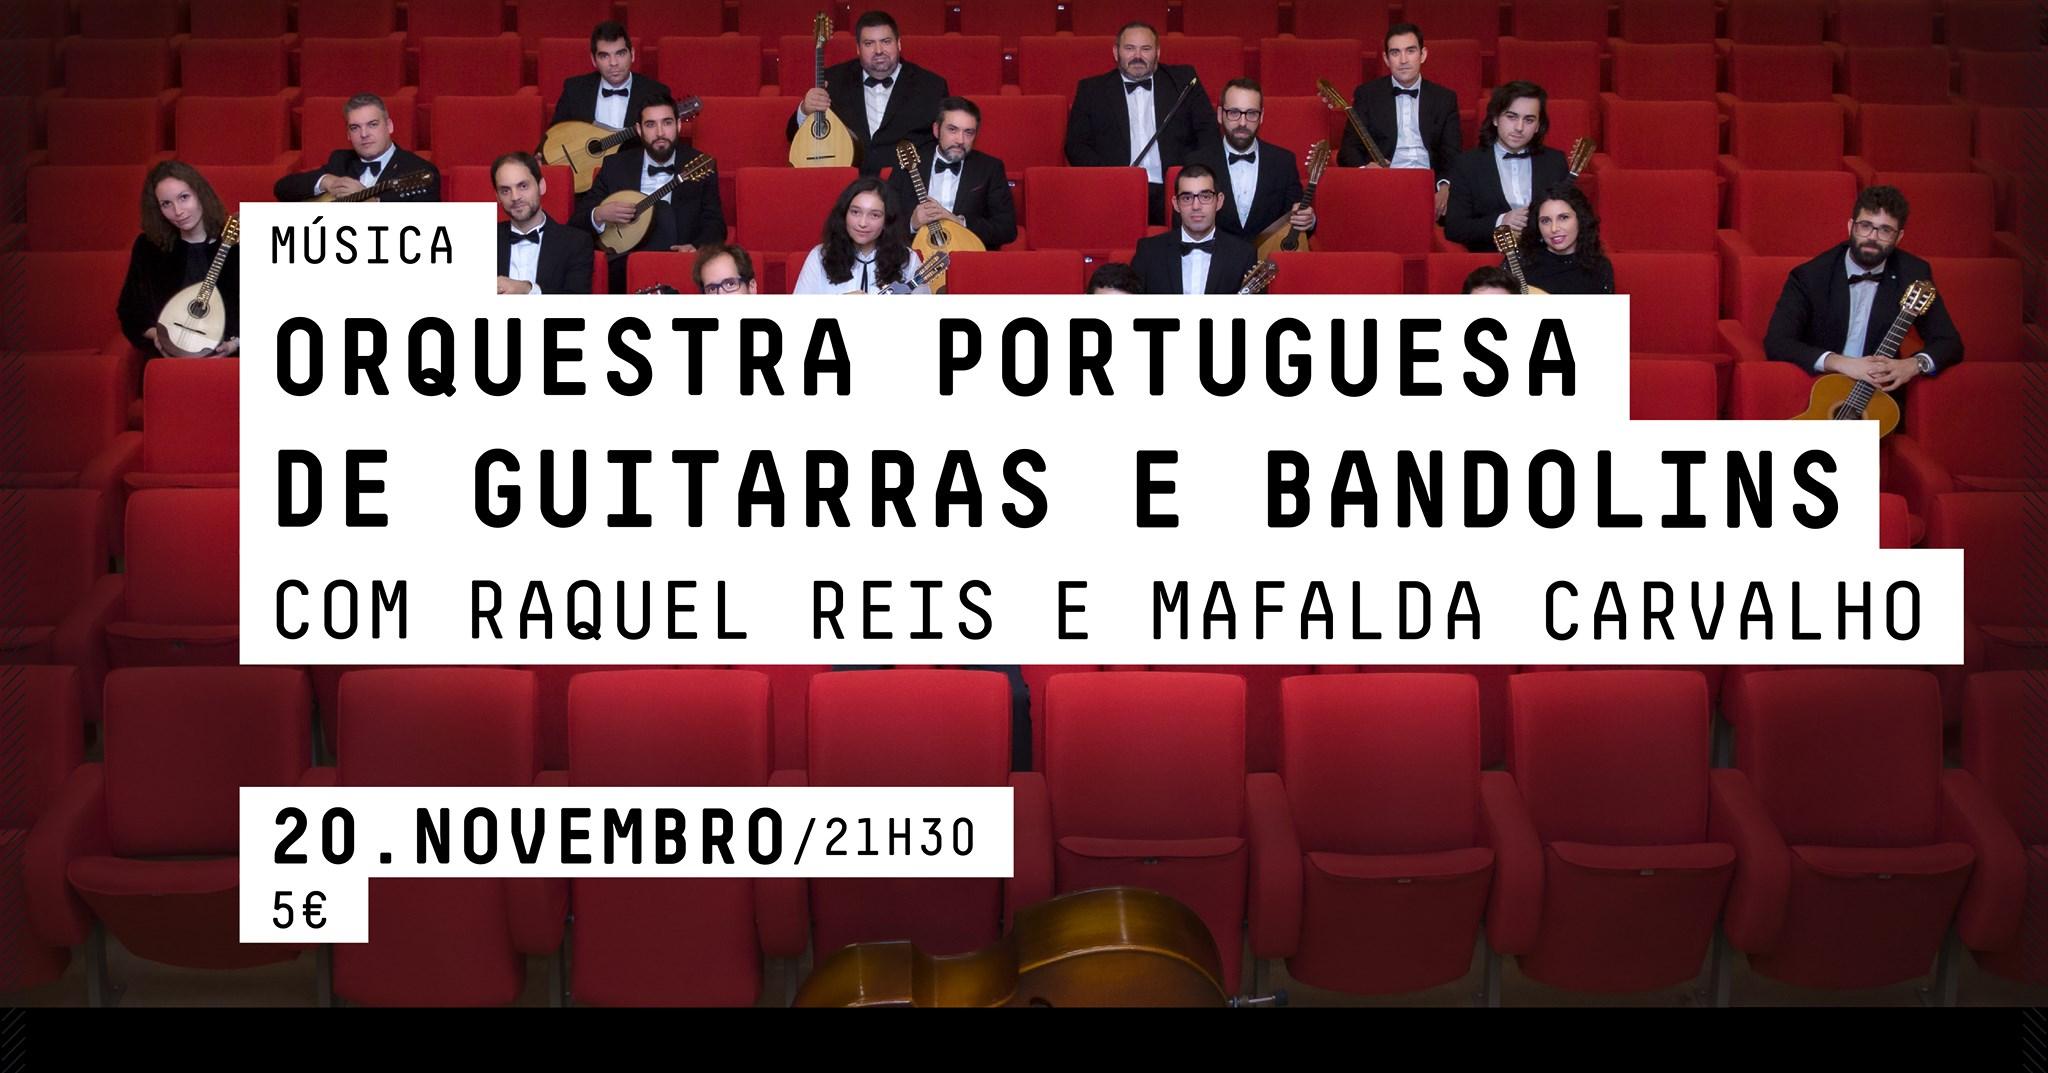 MÚSICA - ORQUESTRA PORTUGUESA DE GUITARRAS E BANDOLINS   COM RAQUEL REIS E MAFALDA CARVALHO